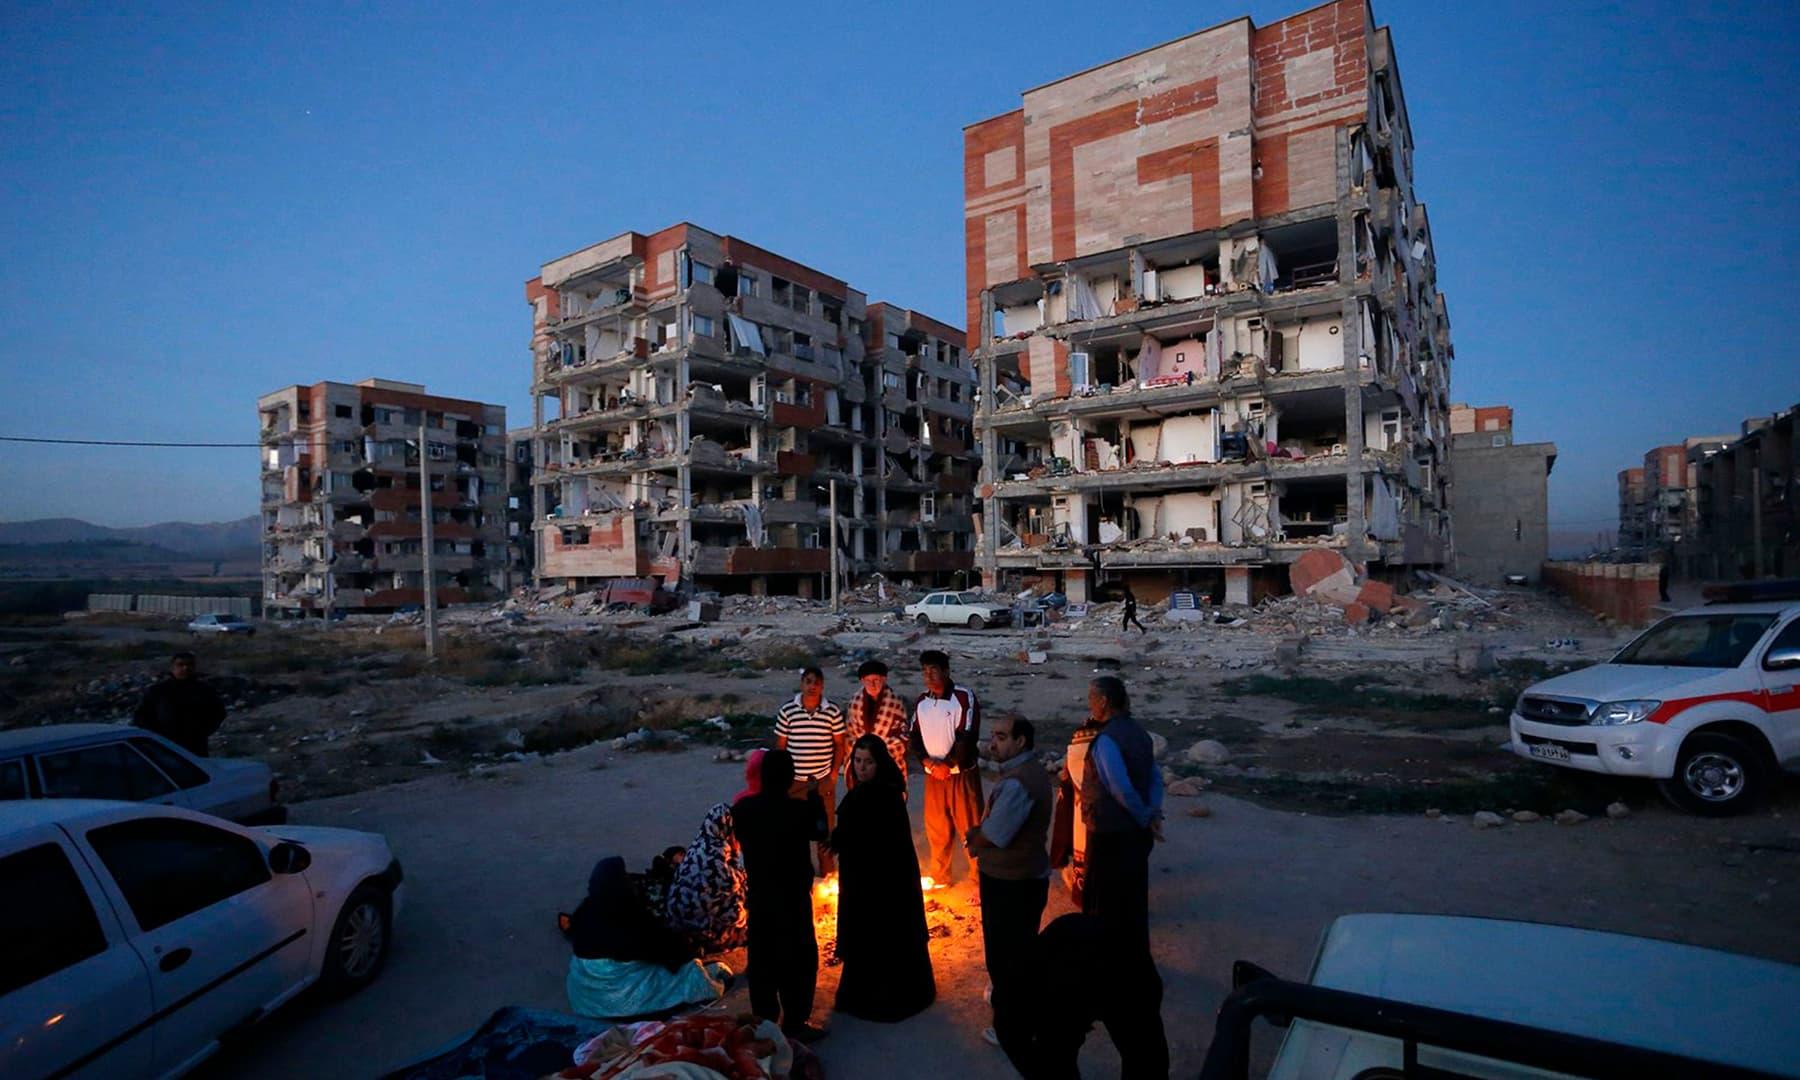 ایران کے صوبے کرمانشاہ کے علاقے سرپولِ ذہب میں زلزلہ متاثرین خود کو گرم رکھنے کے لیے آگ کے گرد جمع ہیں۔ — فوٹو اسنا/اے ایف پی۔